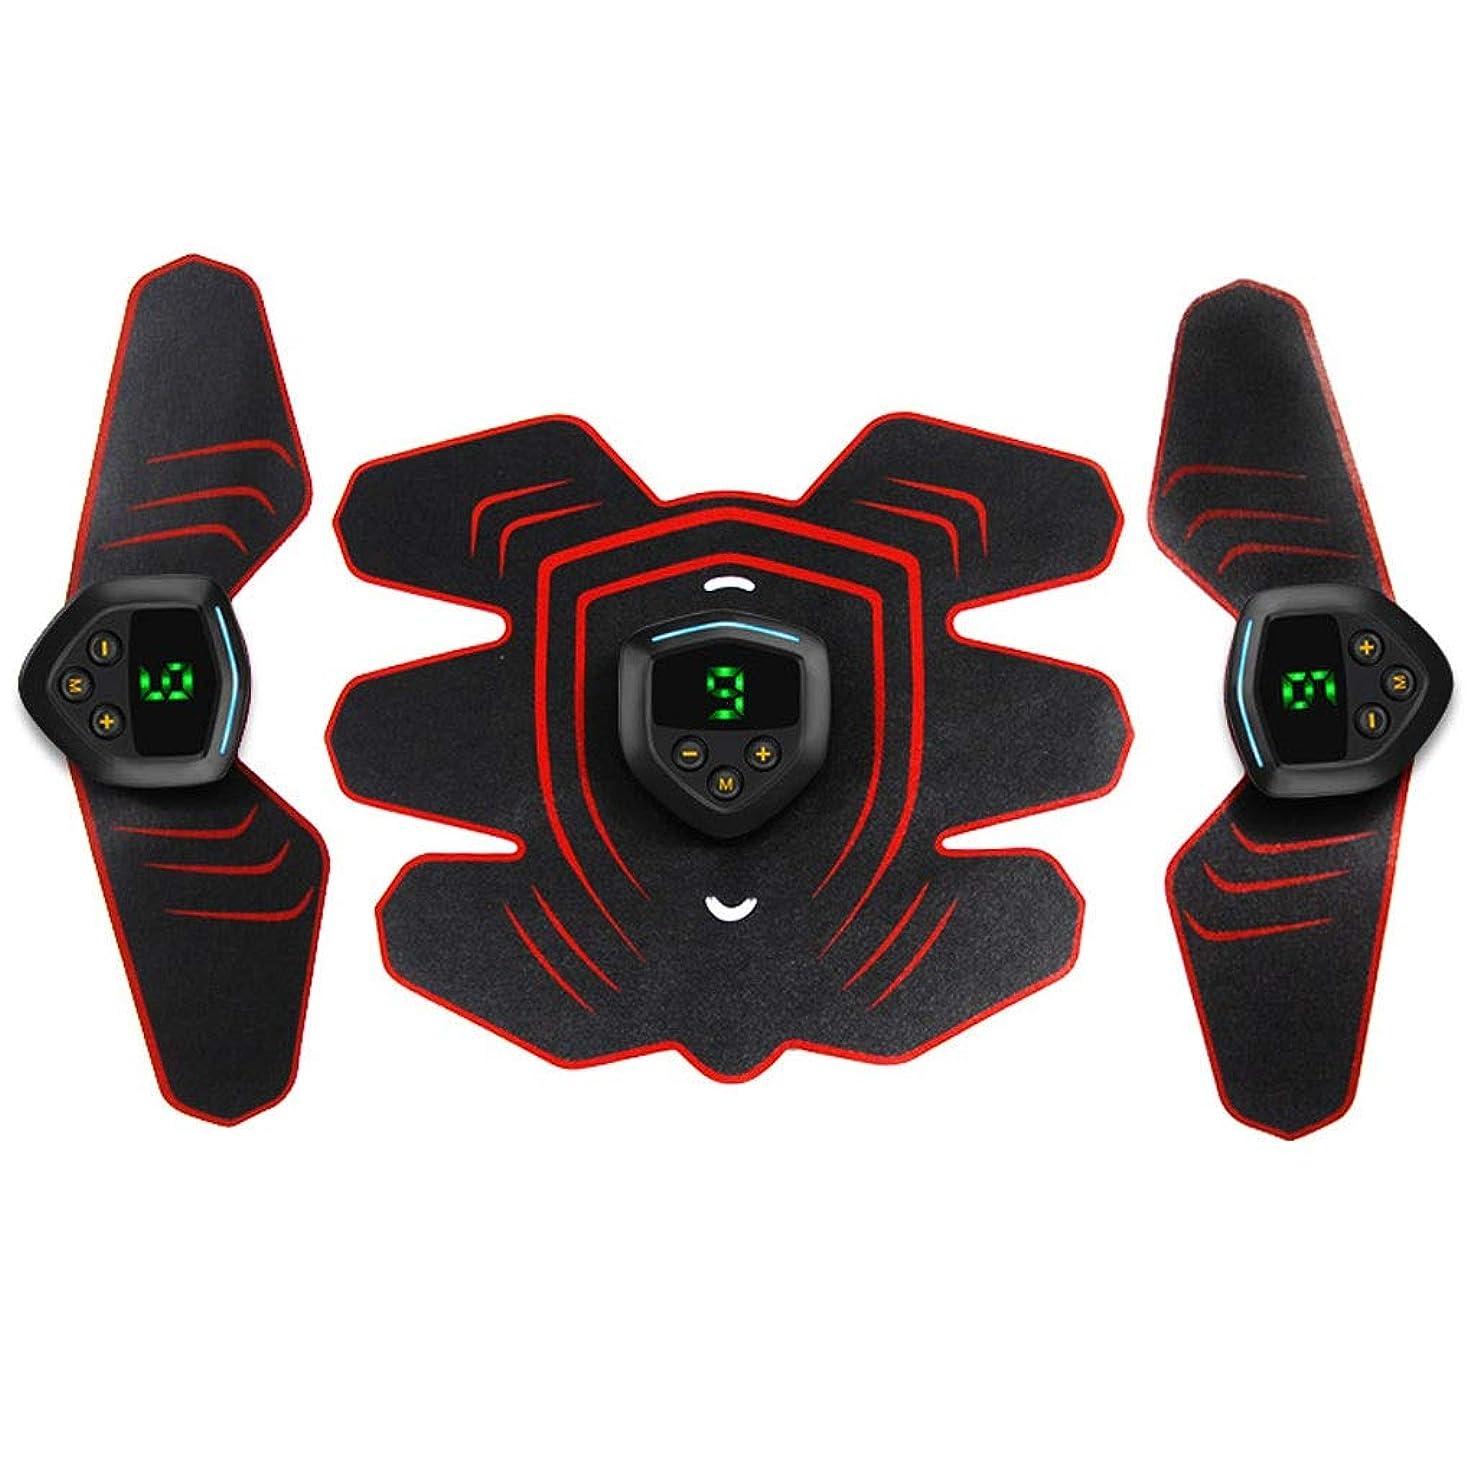 分注する知り合いになるシフト筋肉刺激装置、EMS腹筋トレーナー腹部ベルトUSB充電式筋肉用トナー腹筋腕用脚腹筋サポートベルト (Size : 3 host 1 set of stickers)